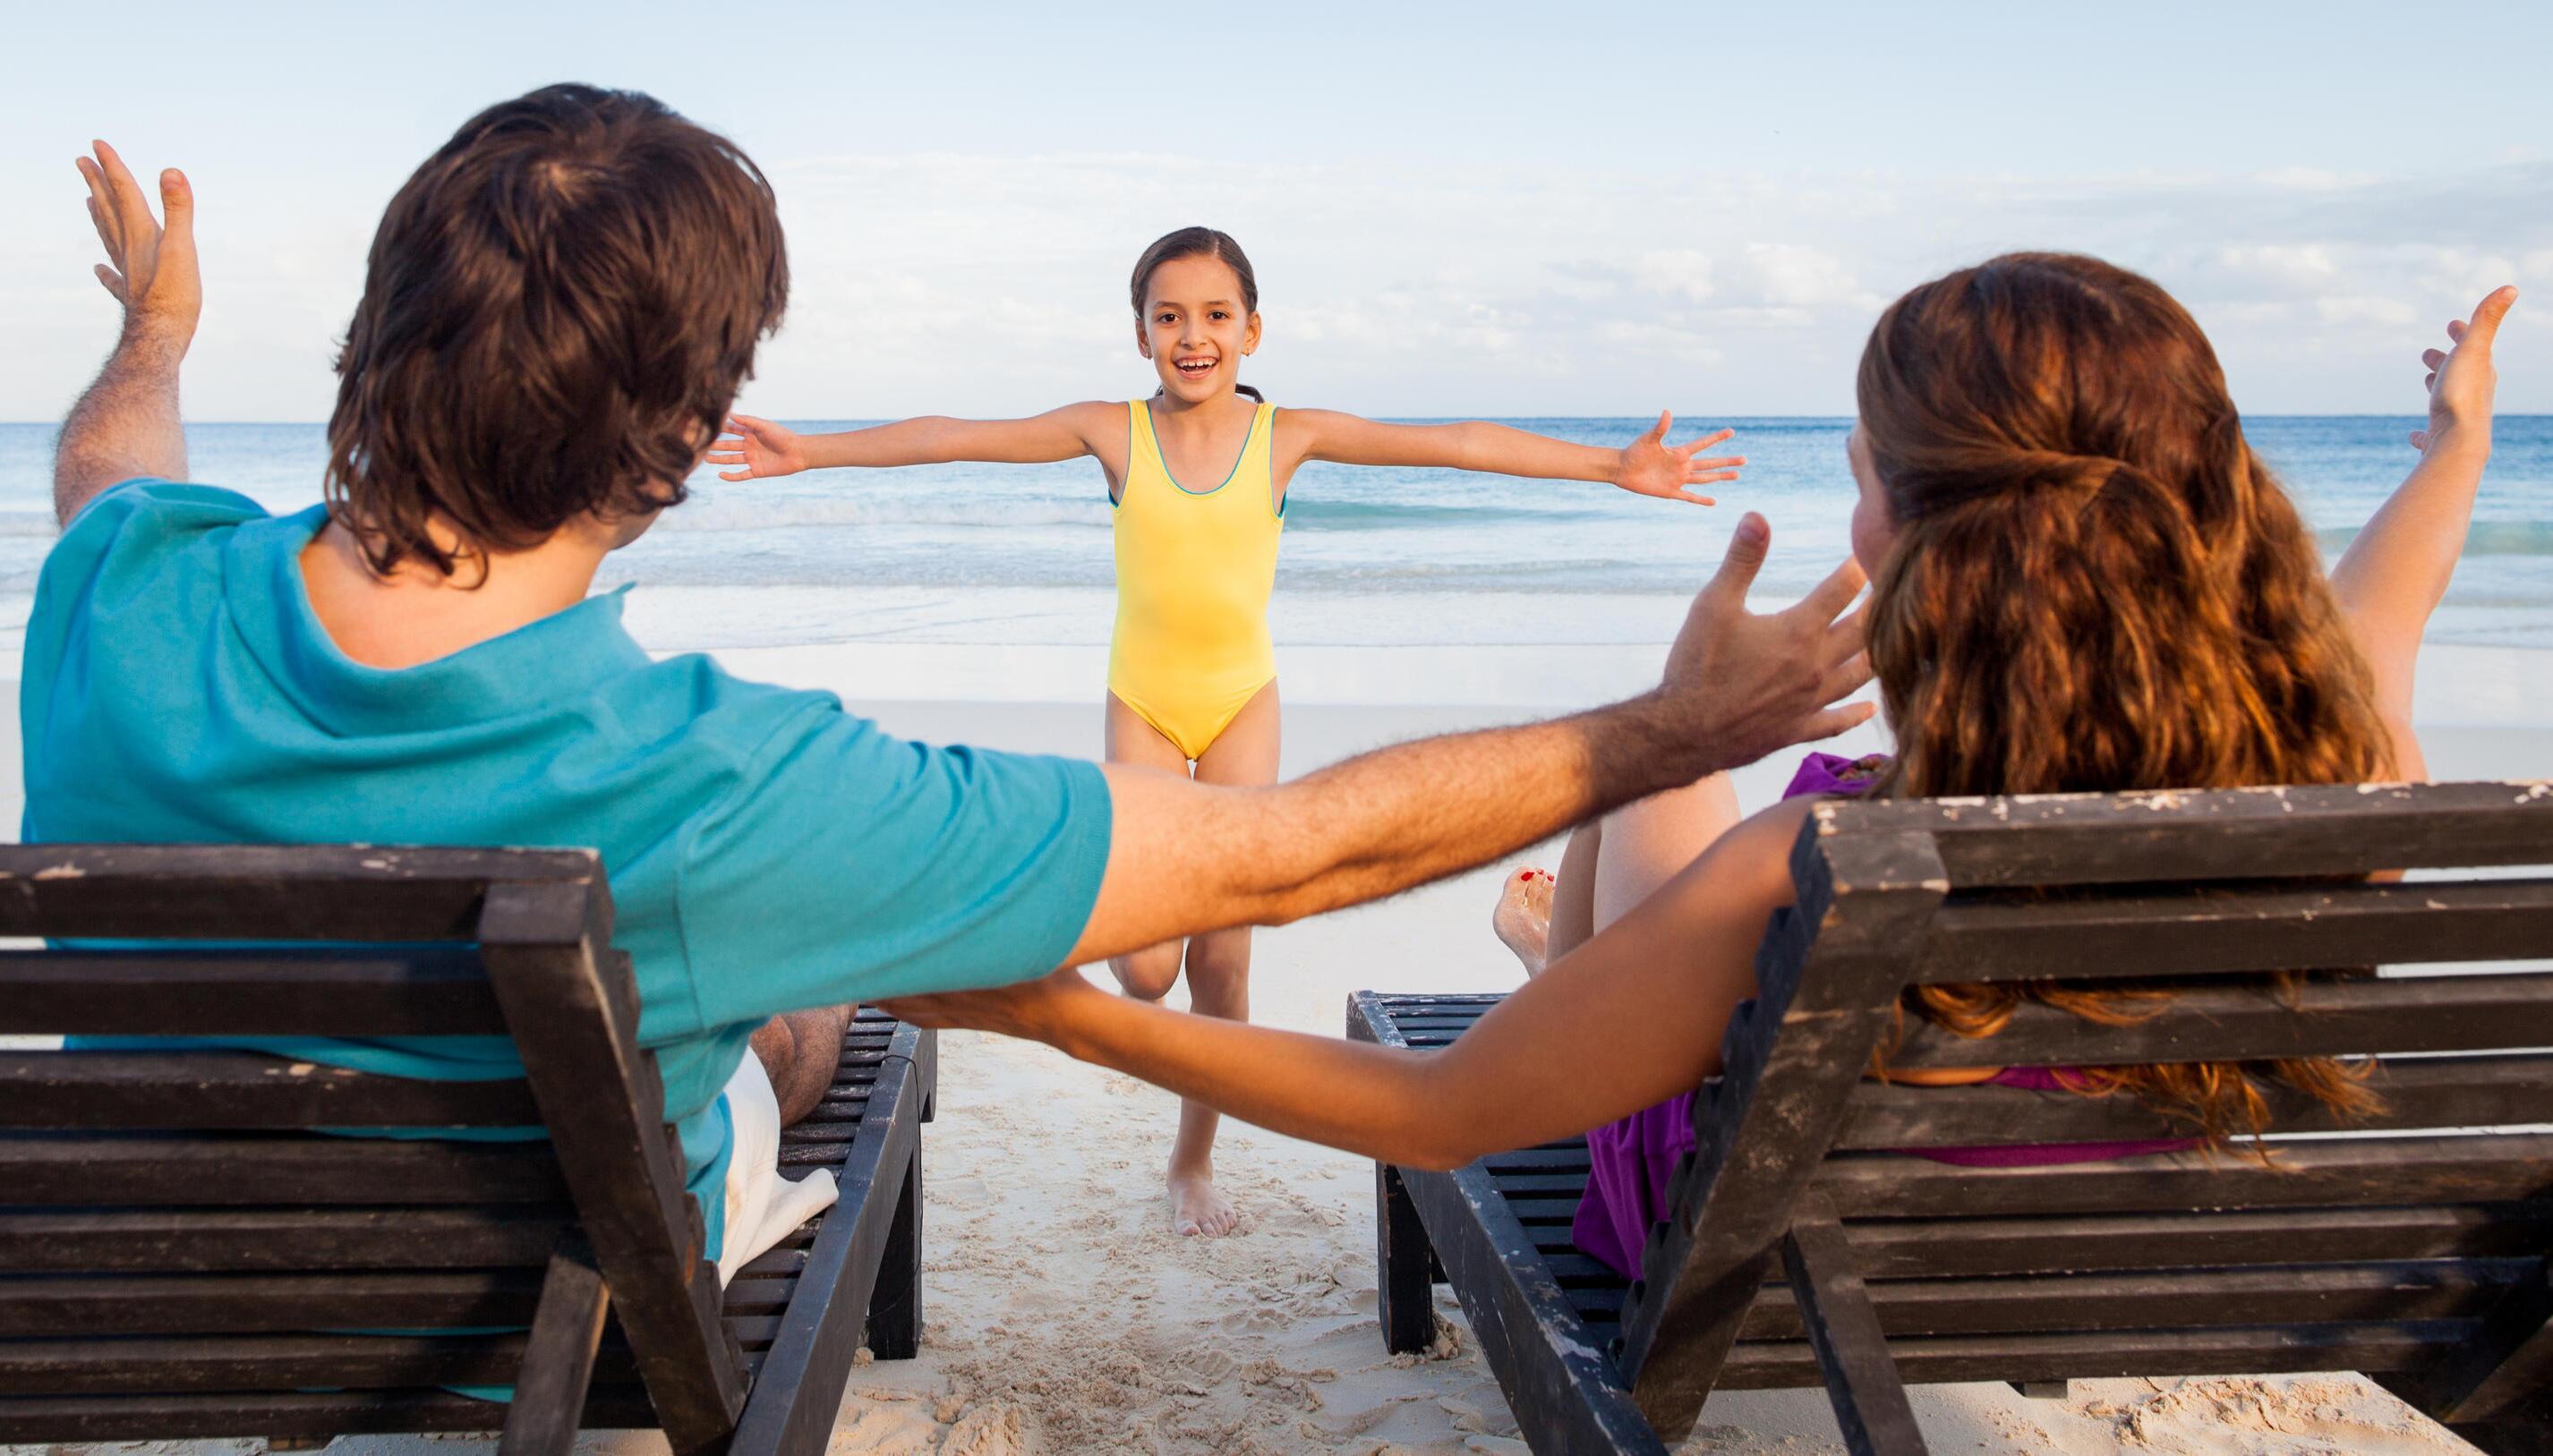 Bild zu Horizontal Parenting, Spiele im Liegen